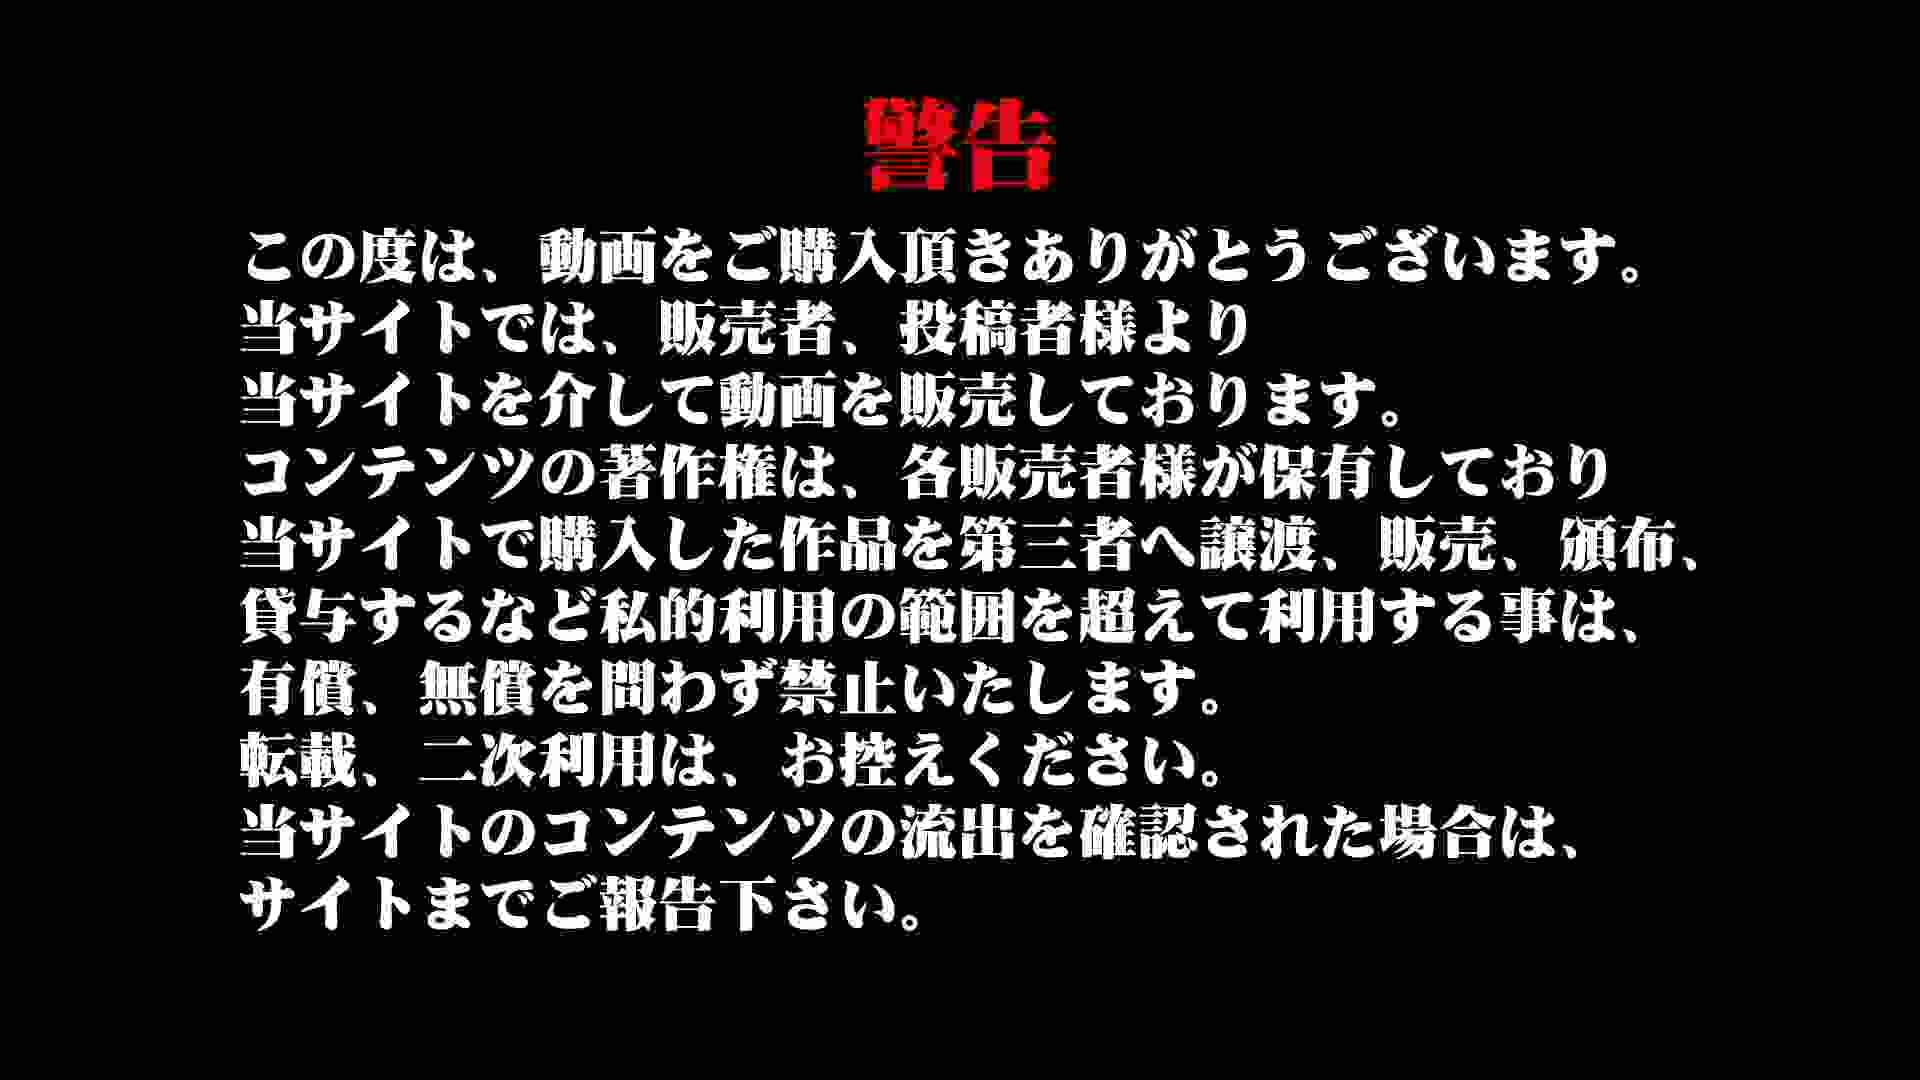 Aquaな露天風呂Vol.927 OLのエロ生活  89連発 45